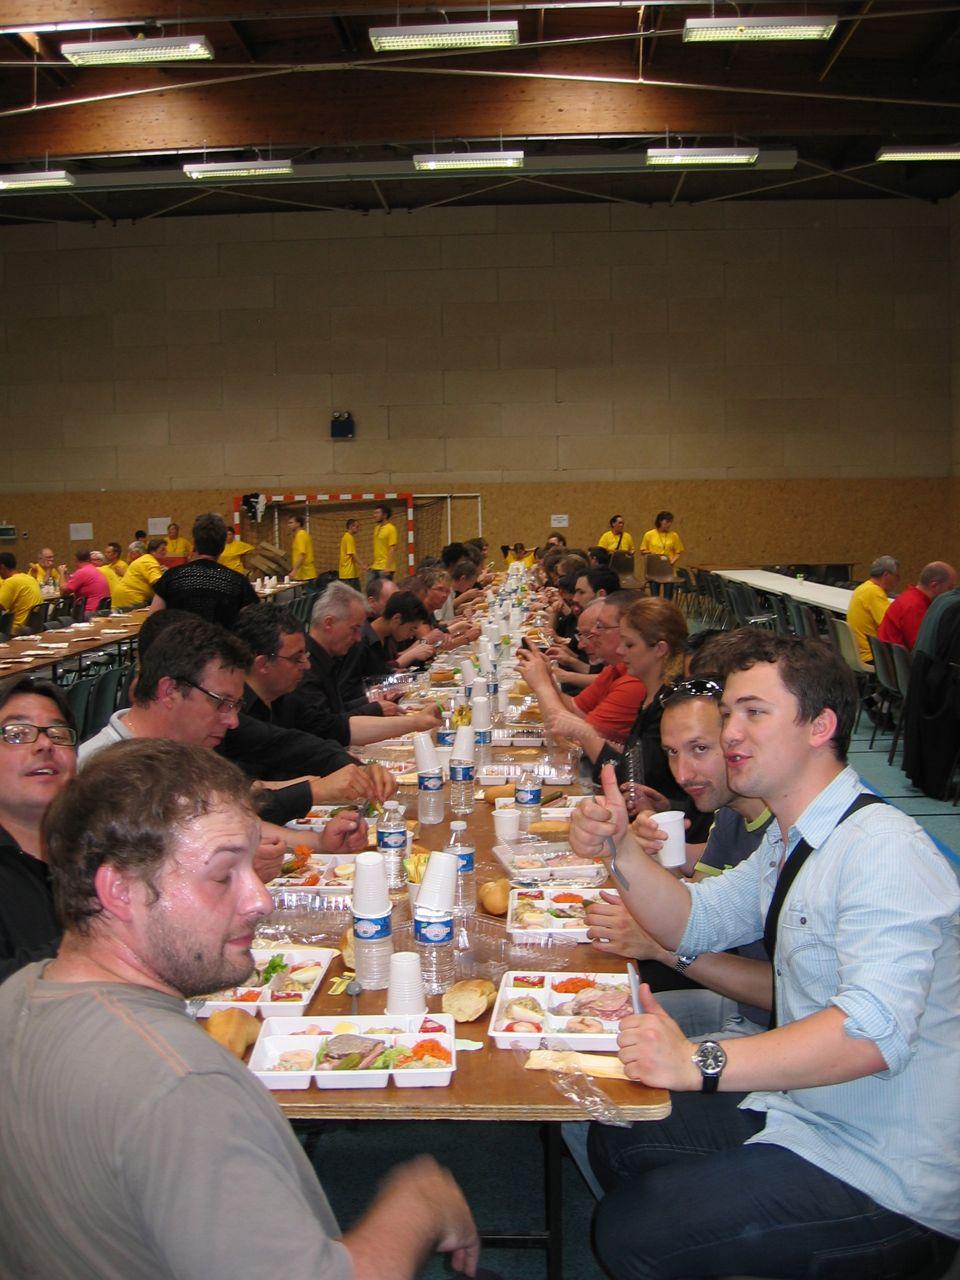 OHTG-concours-Laon-Juin2011-04